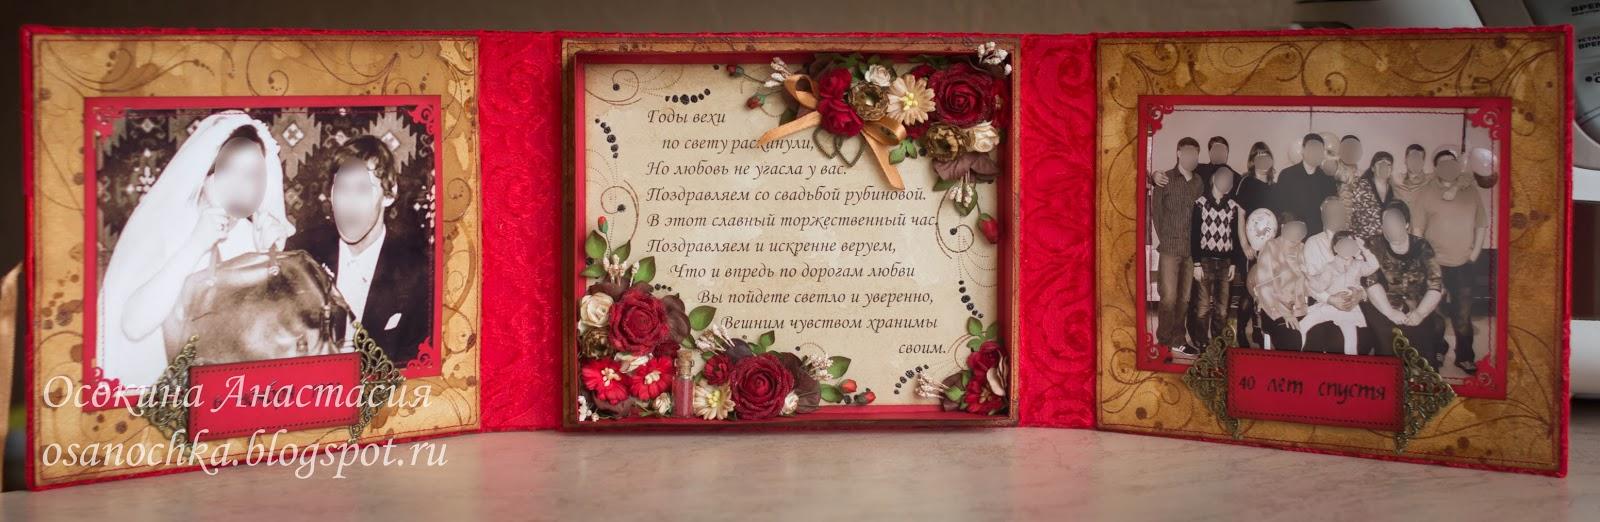 Подарки на бриллиантовую свадьбу родителям